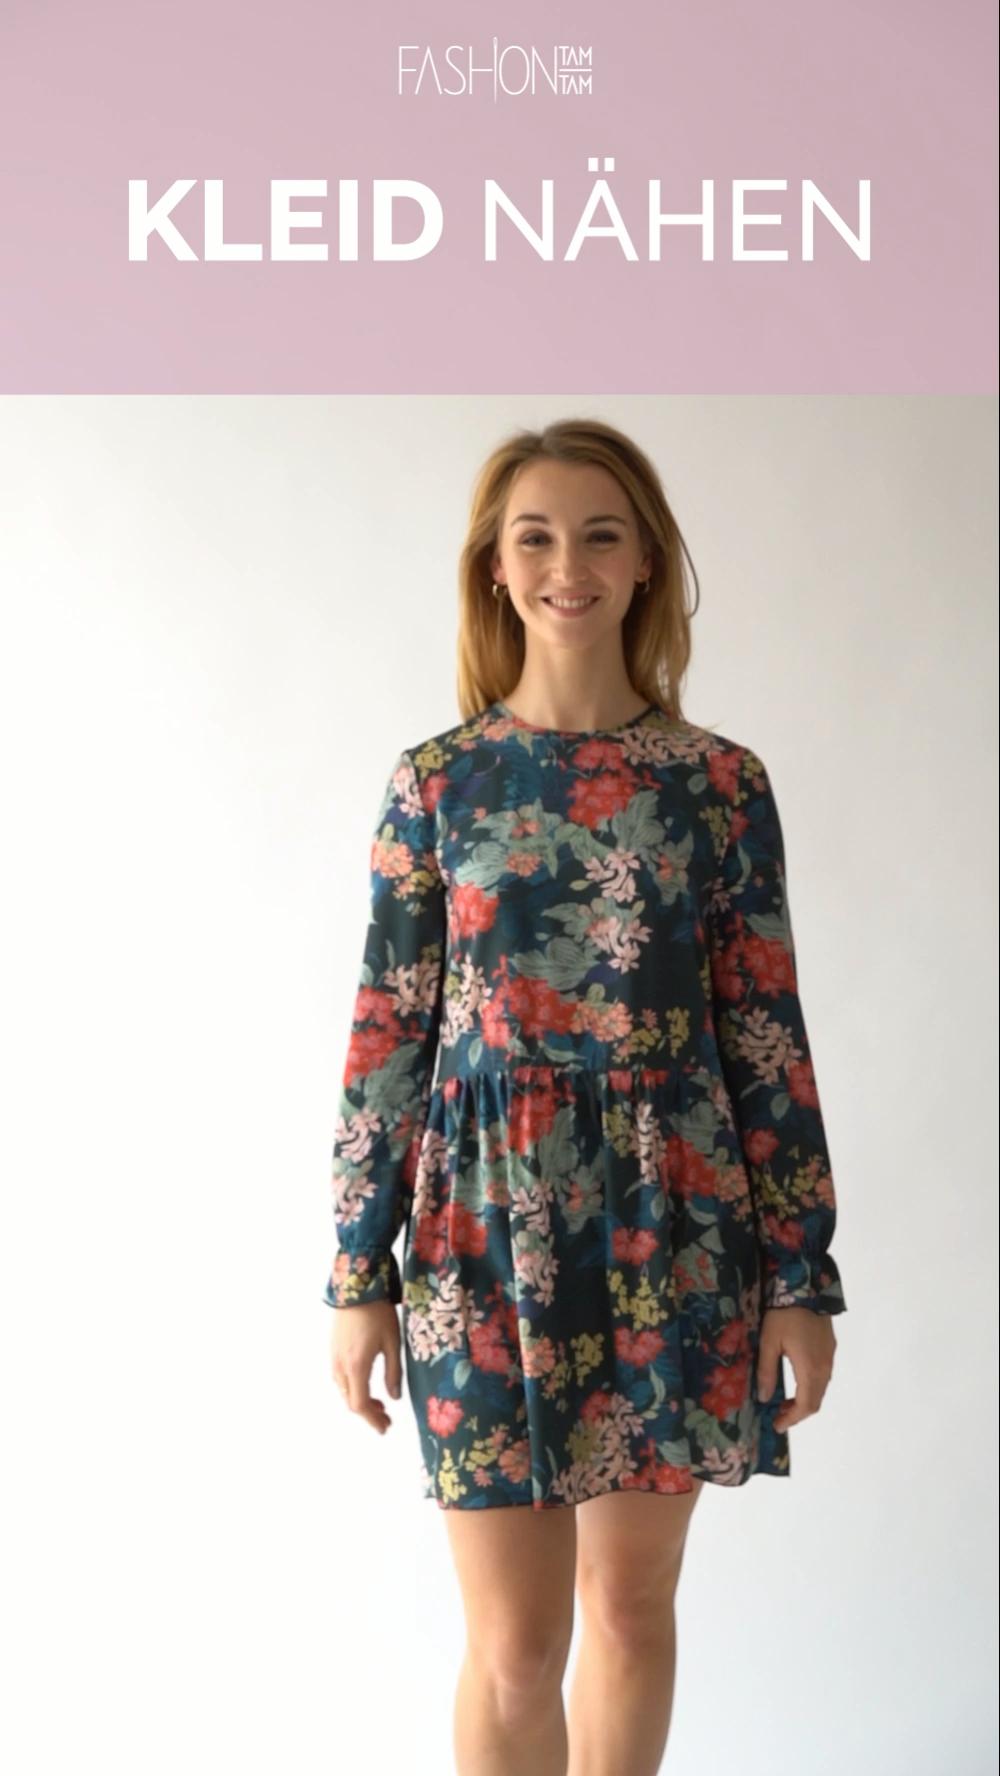 Kleid nähen – Schritt-für-Schritt Nähanleitung